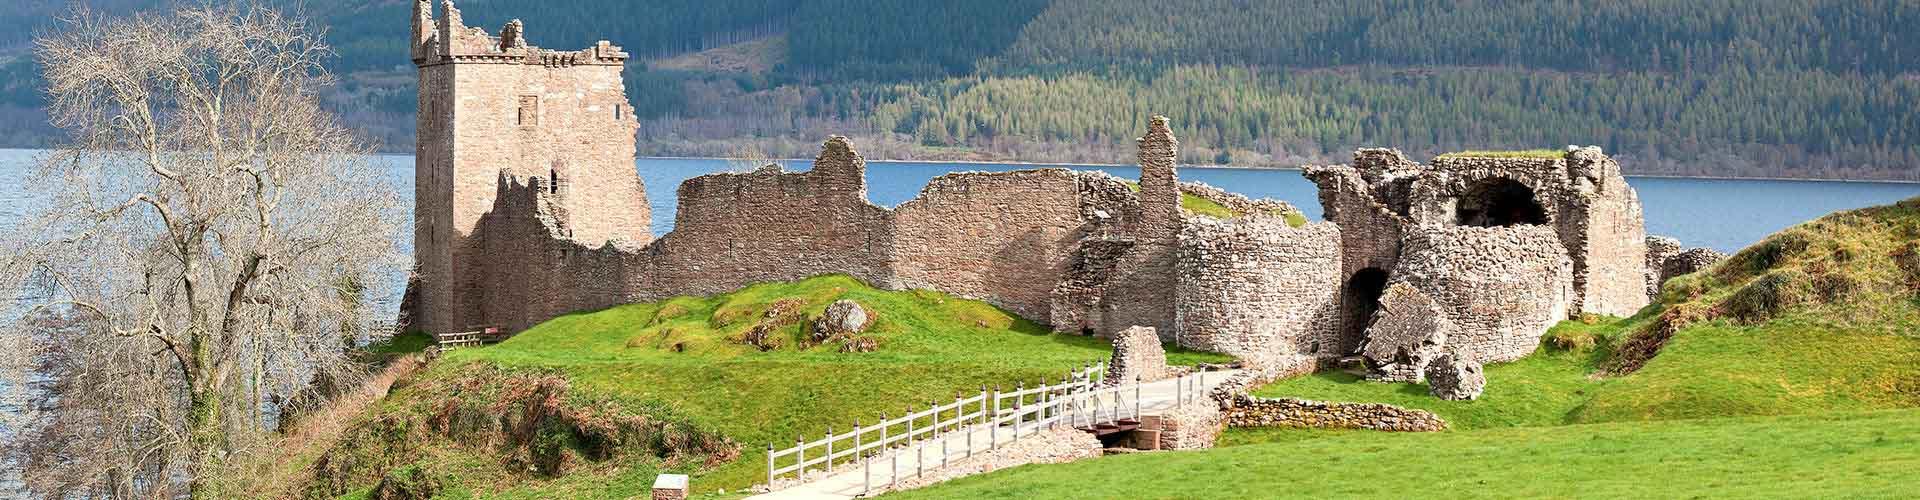 Loch Ness - Ifjúsági Szállások Loch Nessben. Loch Ness térképek, fotók és ajánlások minden egyes ifjúsági szállásokra Loch Ness-ben.